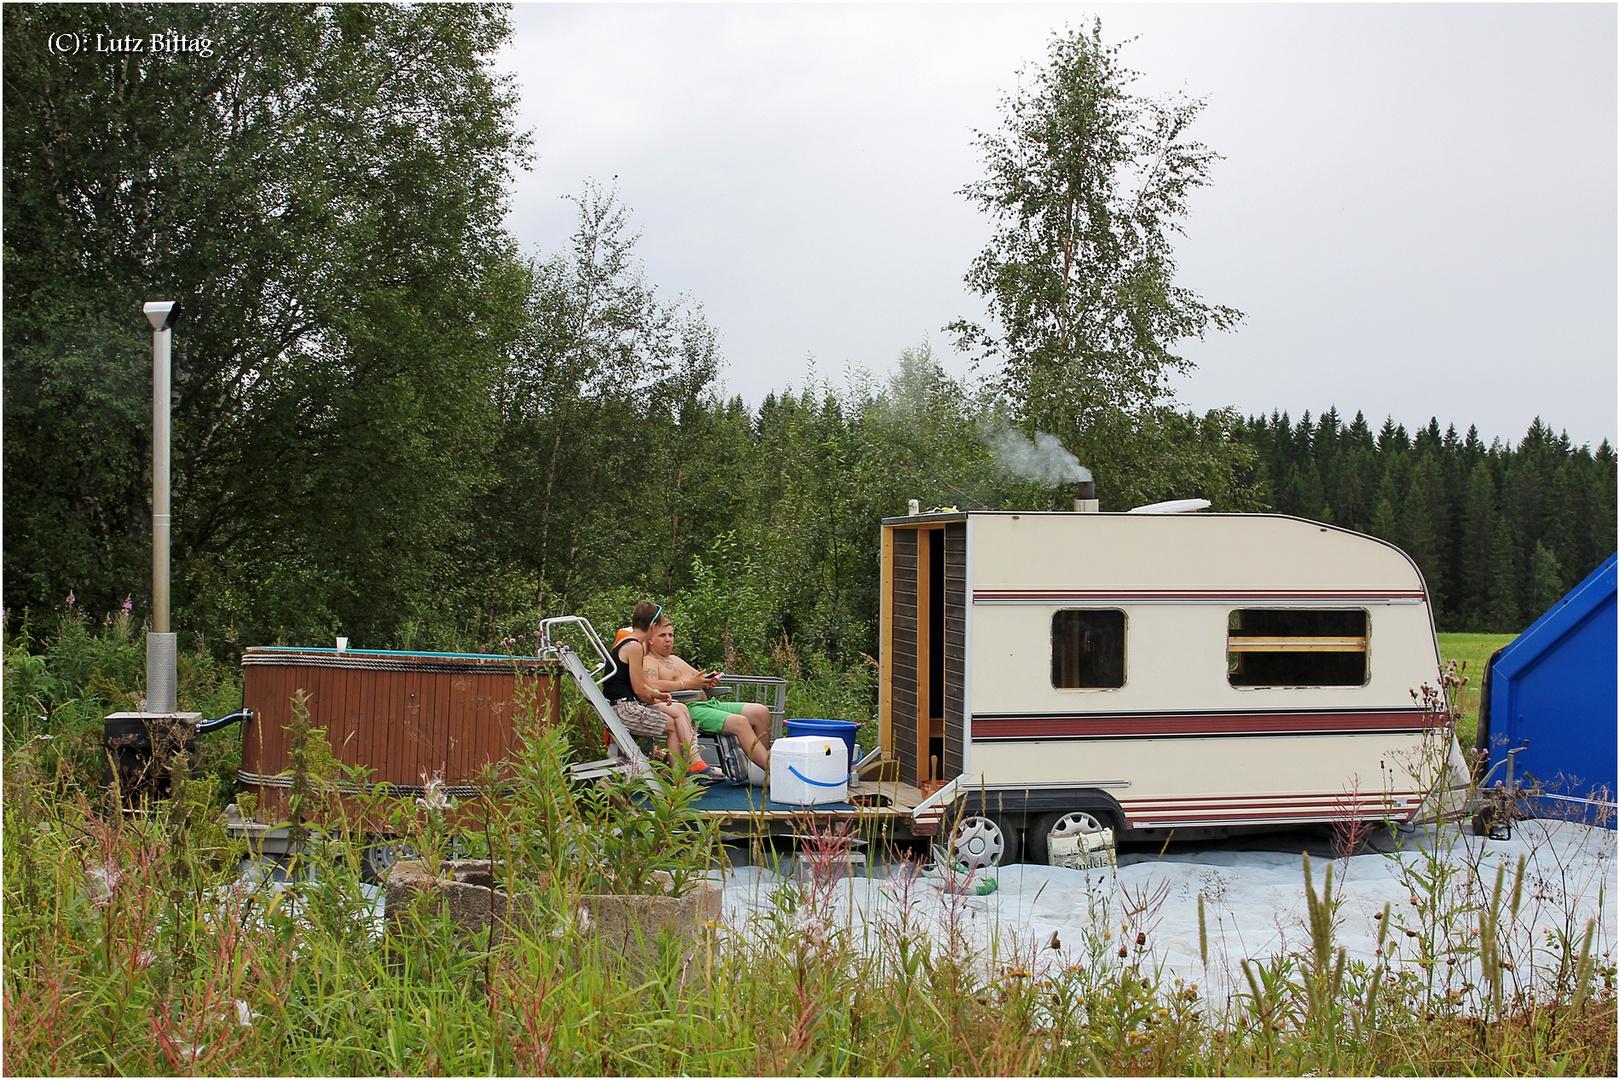 mobile sauna foto bild sport menschen wrc bilder auf. Black Bedroom Furniture Sets. Home Design Ideas